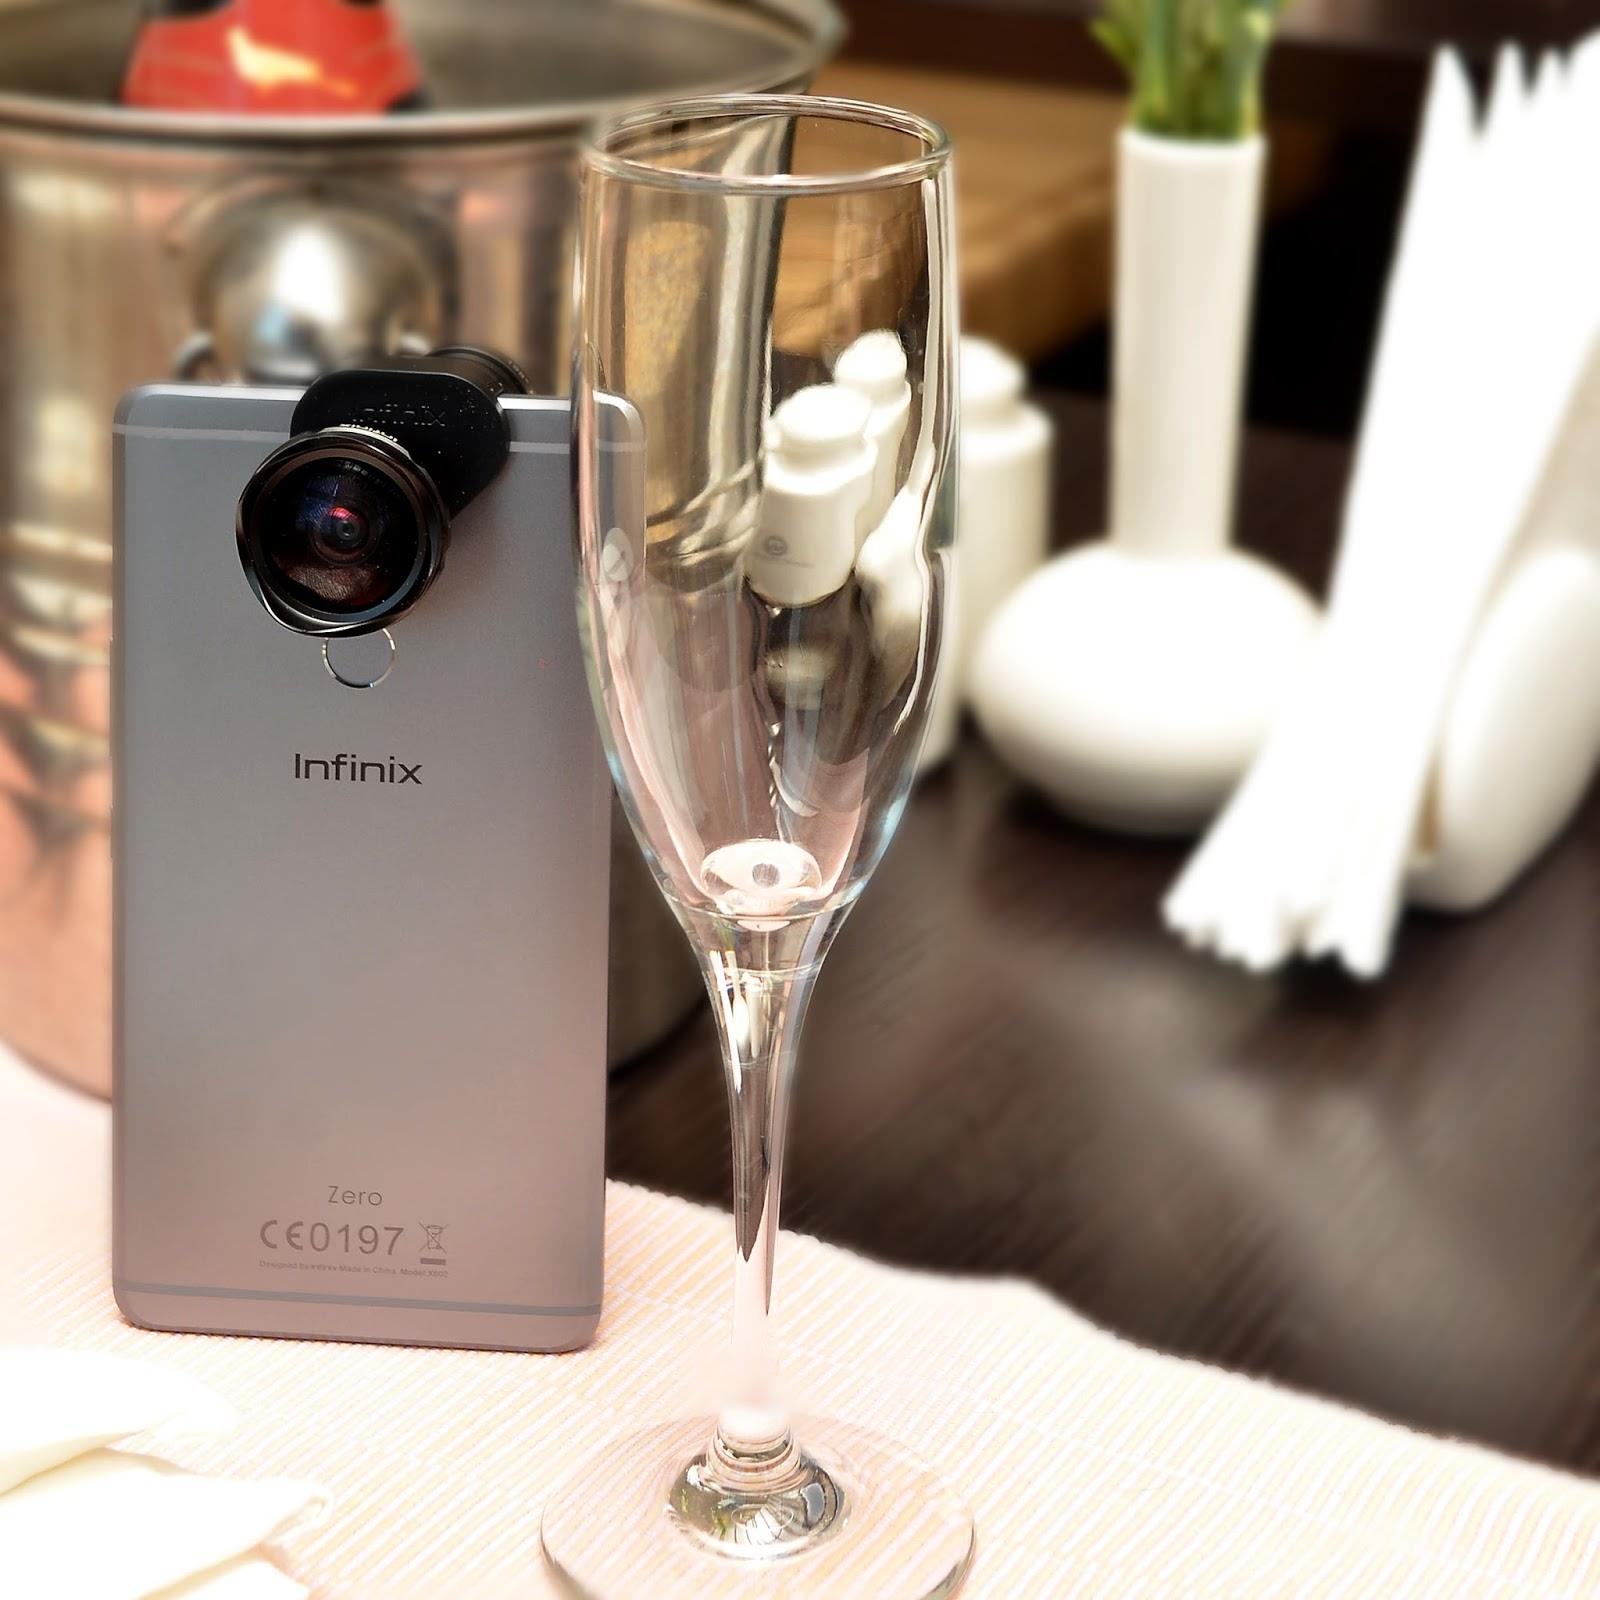 Infinix zero 4 plus, Infinix Zero 4 add on lenses, Review, Infinix zero 4 plus review, style with Ezil, Ezil